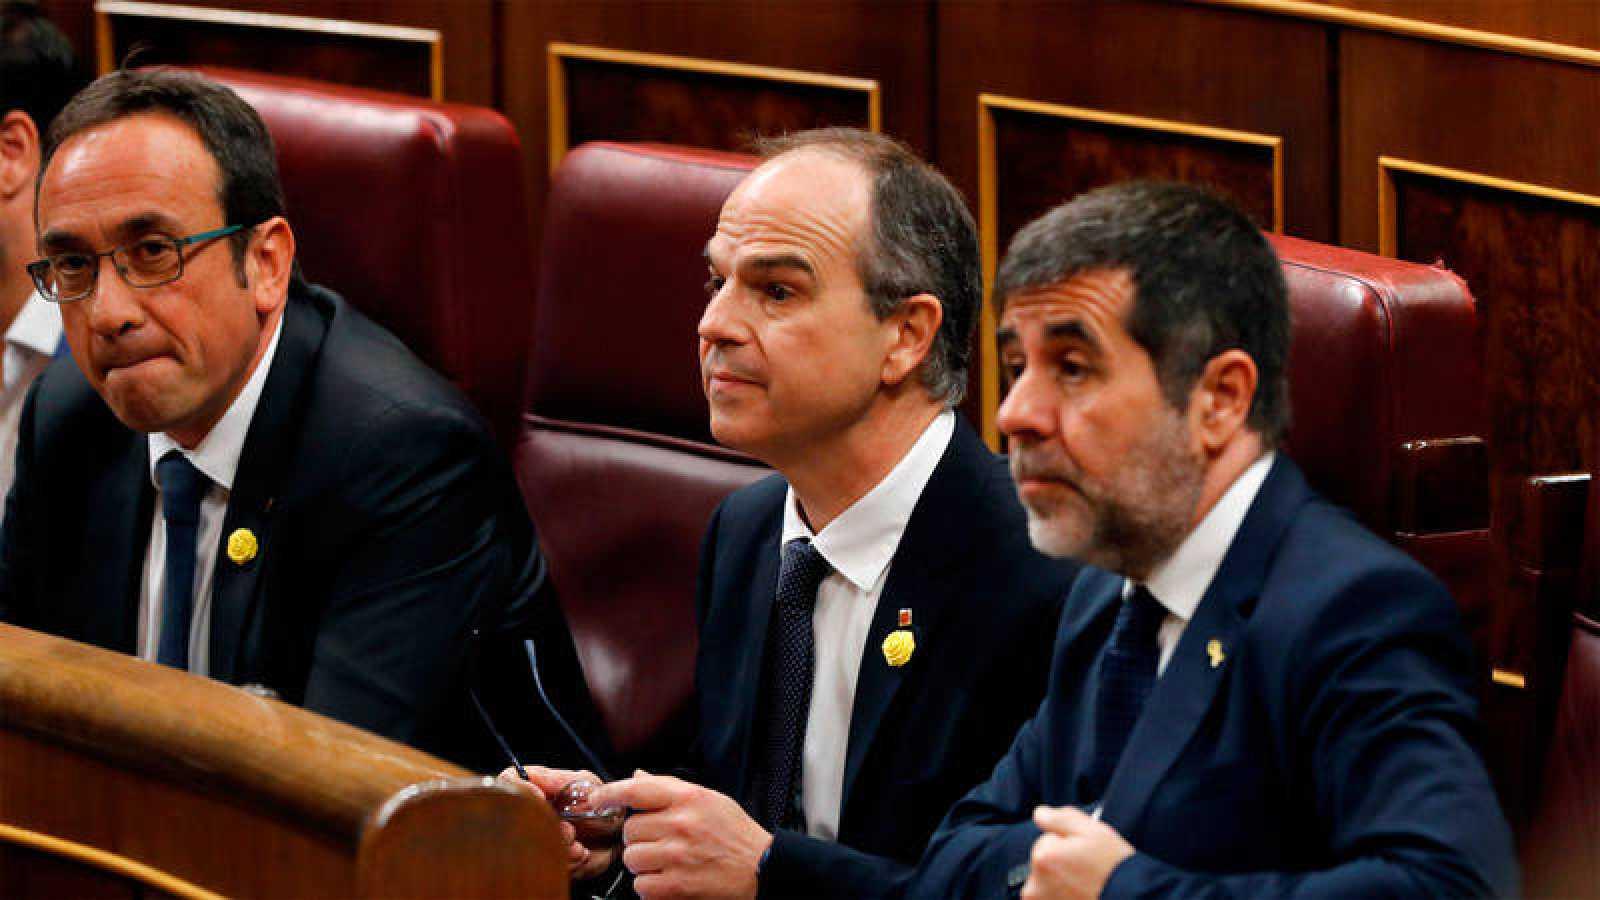 Josep Rull, Jordi Sànchez (d) y Jordi Turull (c) en el Congreso de los Diputados en una imagen de archivo